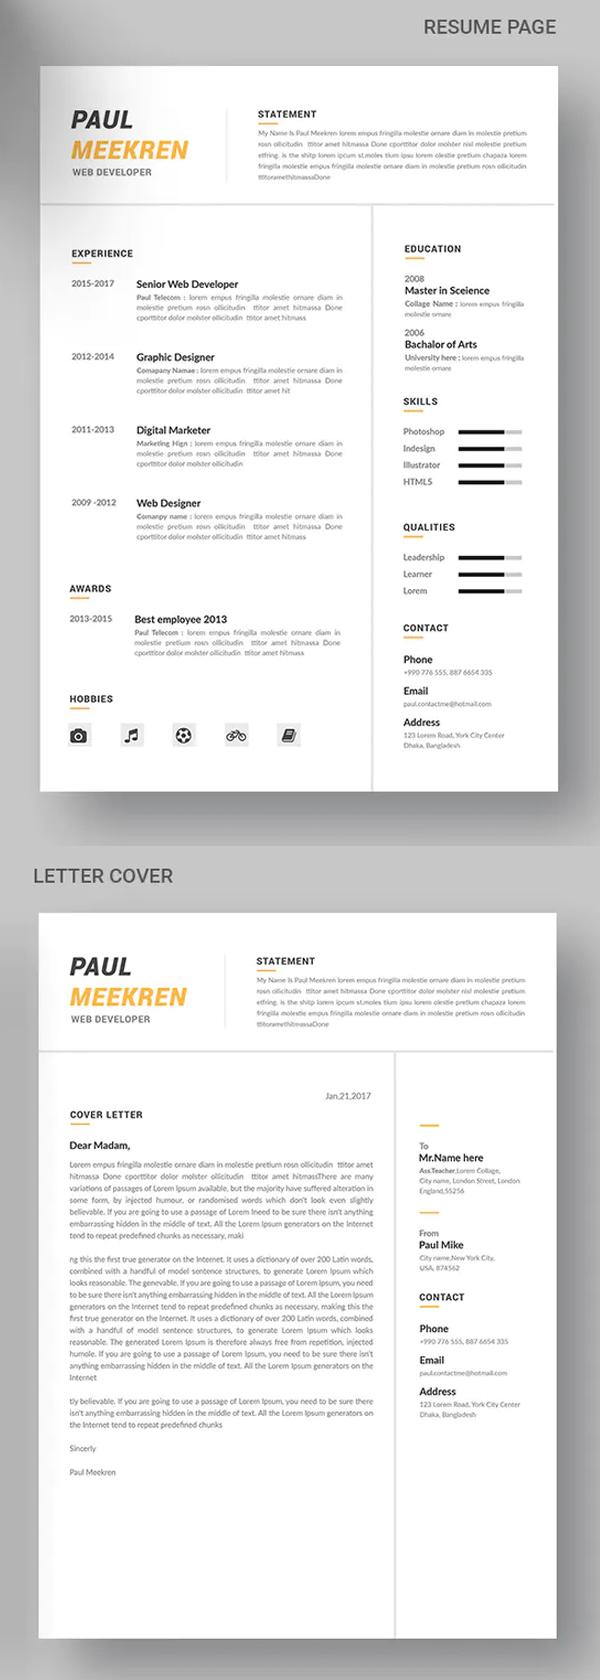 CV Resume & Cover Letter Font